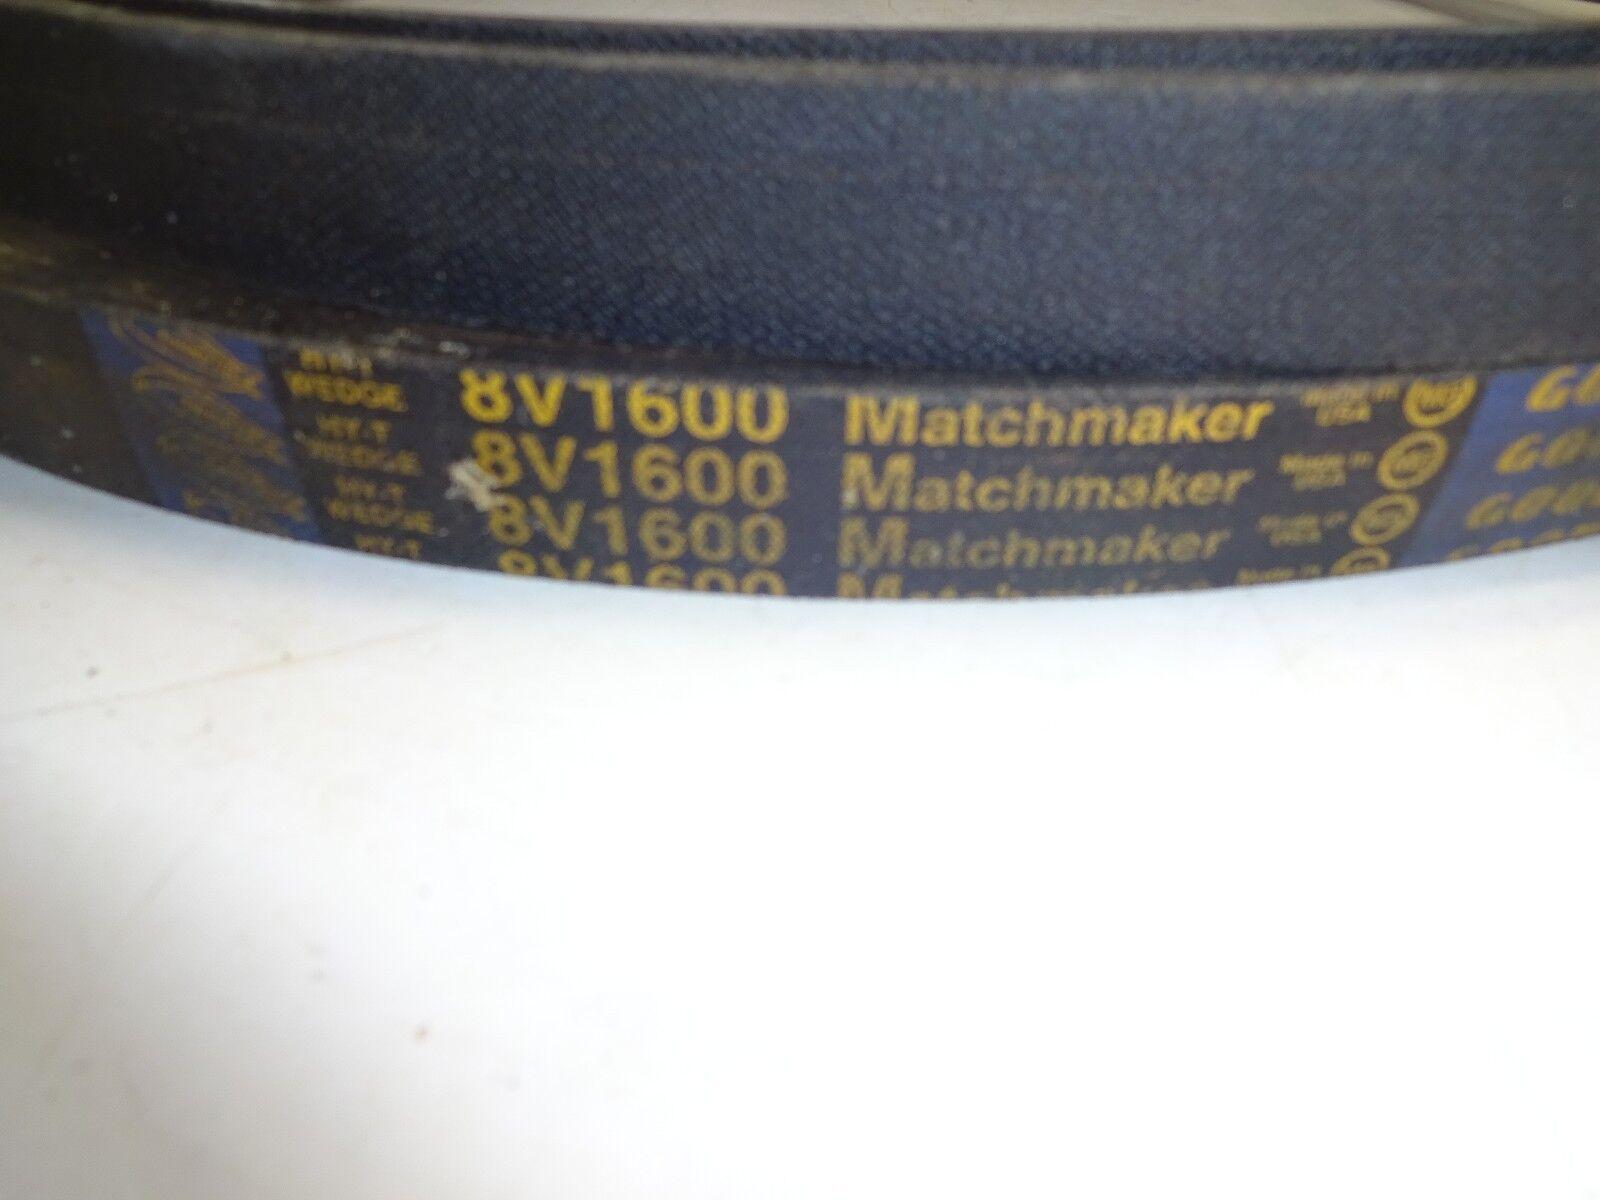 GOODYEAR 8V1600 WEDGE V-BELT